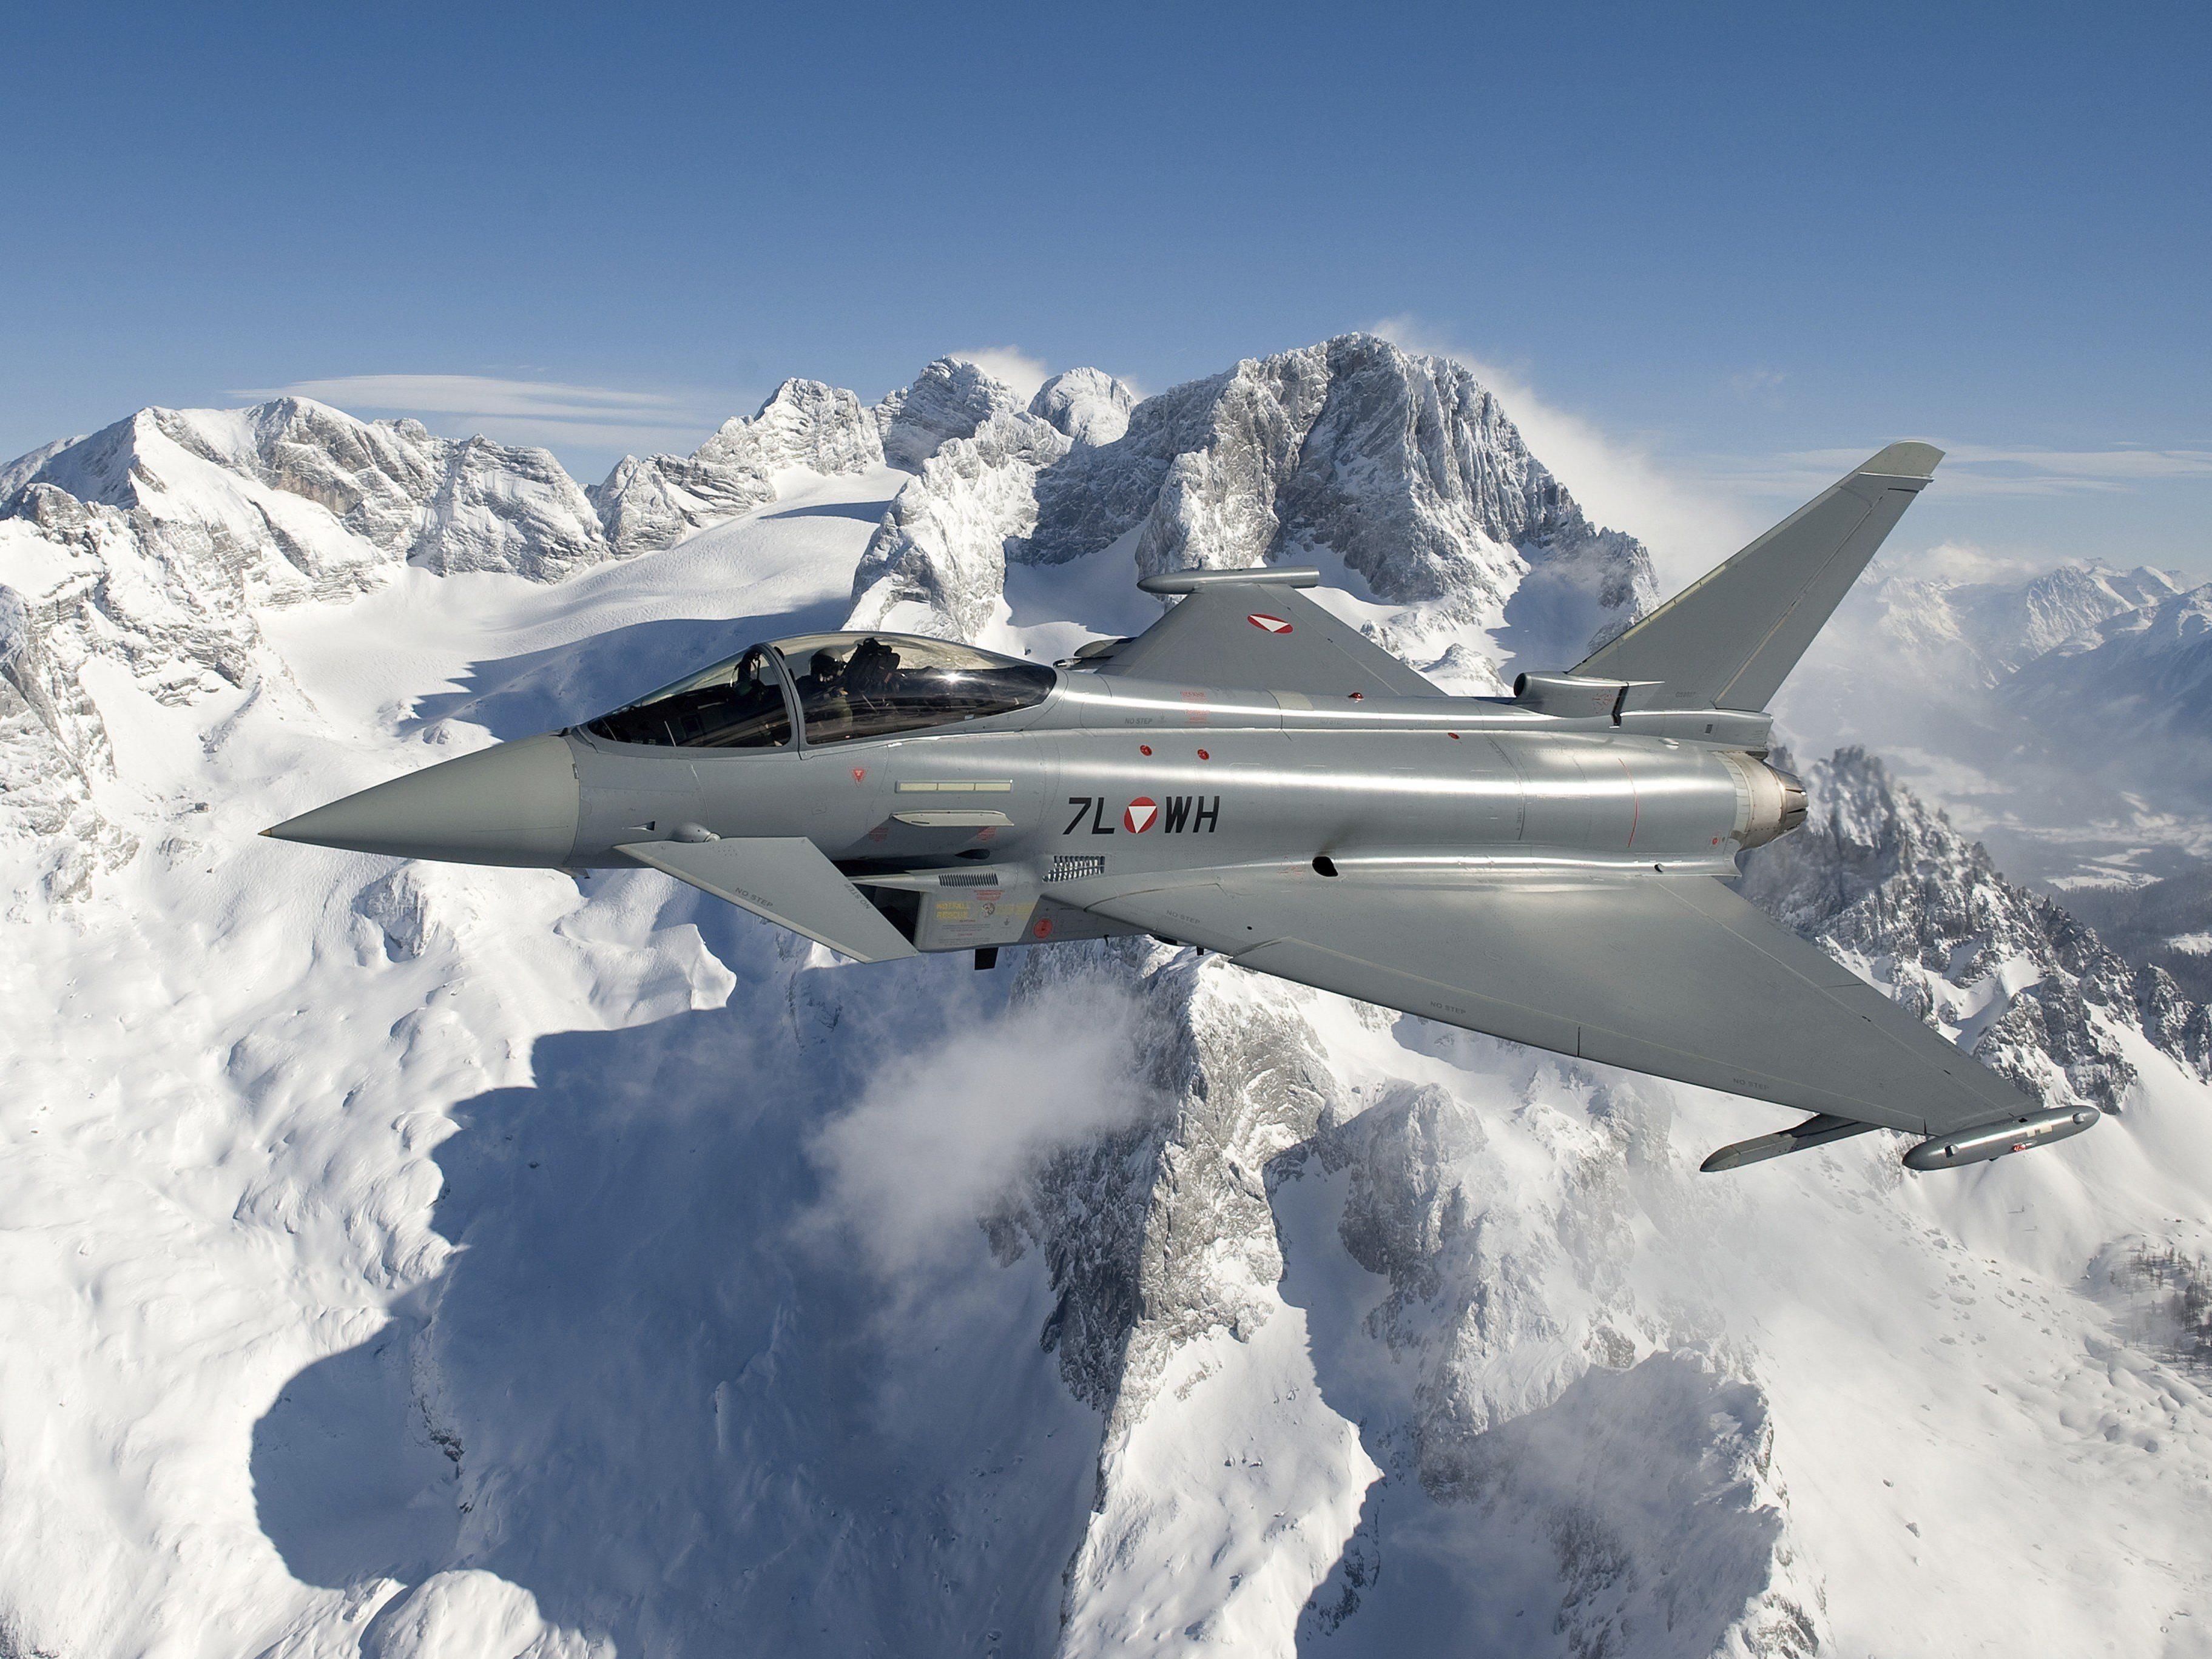 Die Vorarlberger dürfen sich auf einige Eurofighter-Tiefflüge gefasst machen.